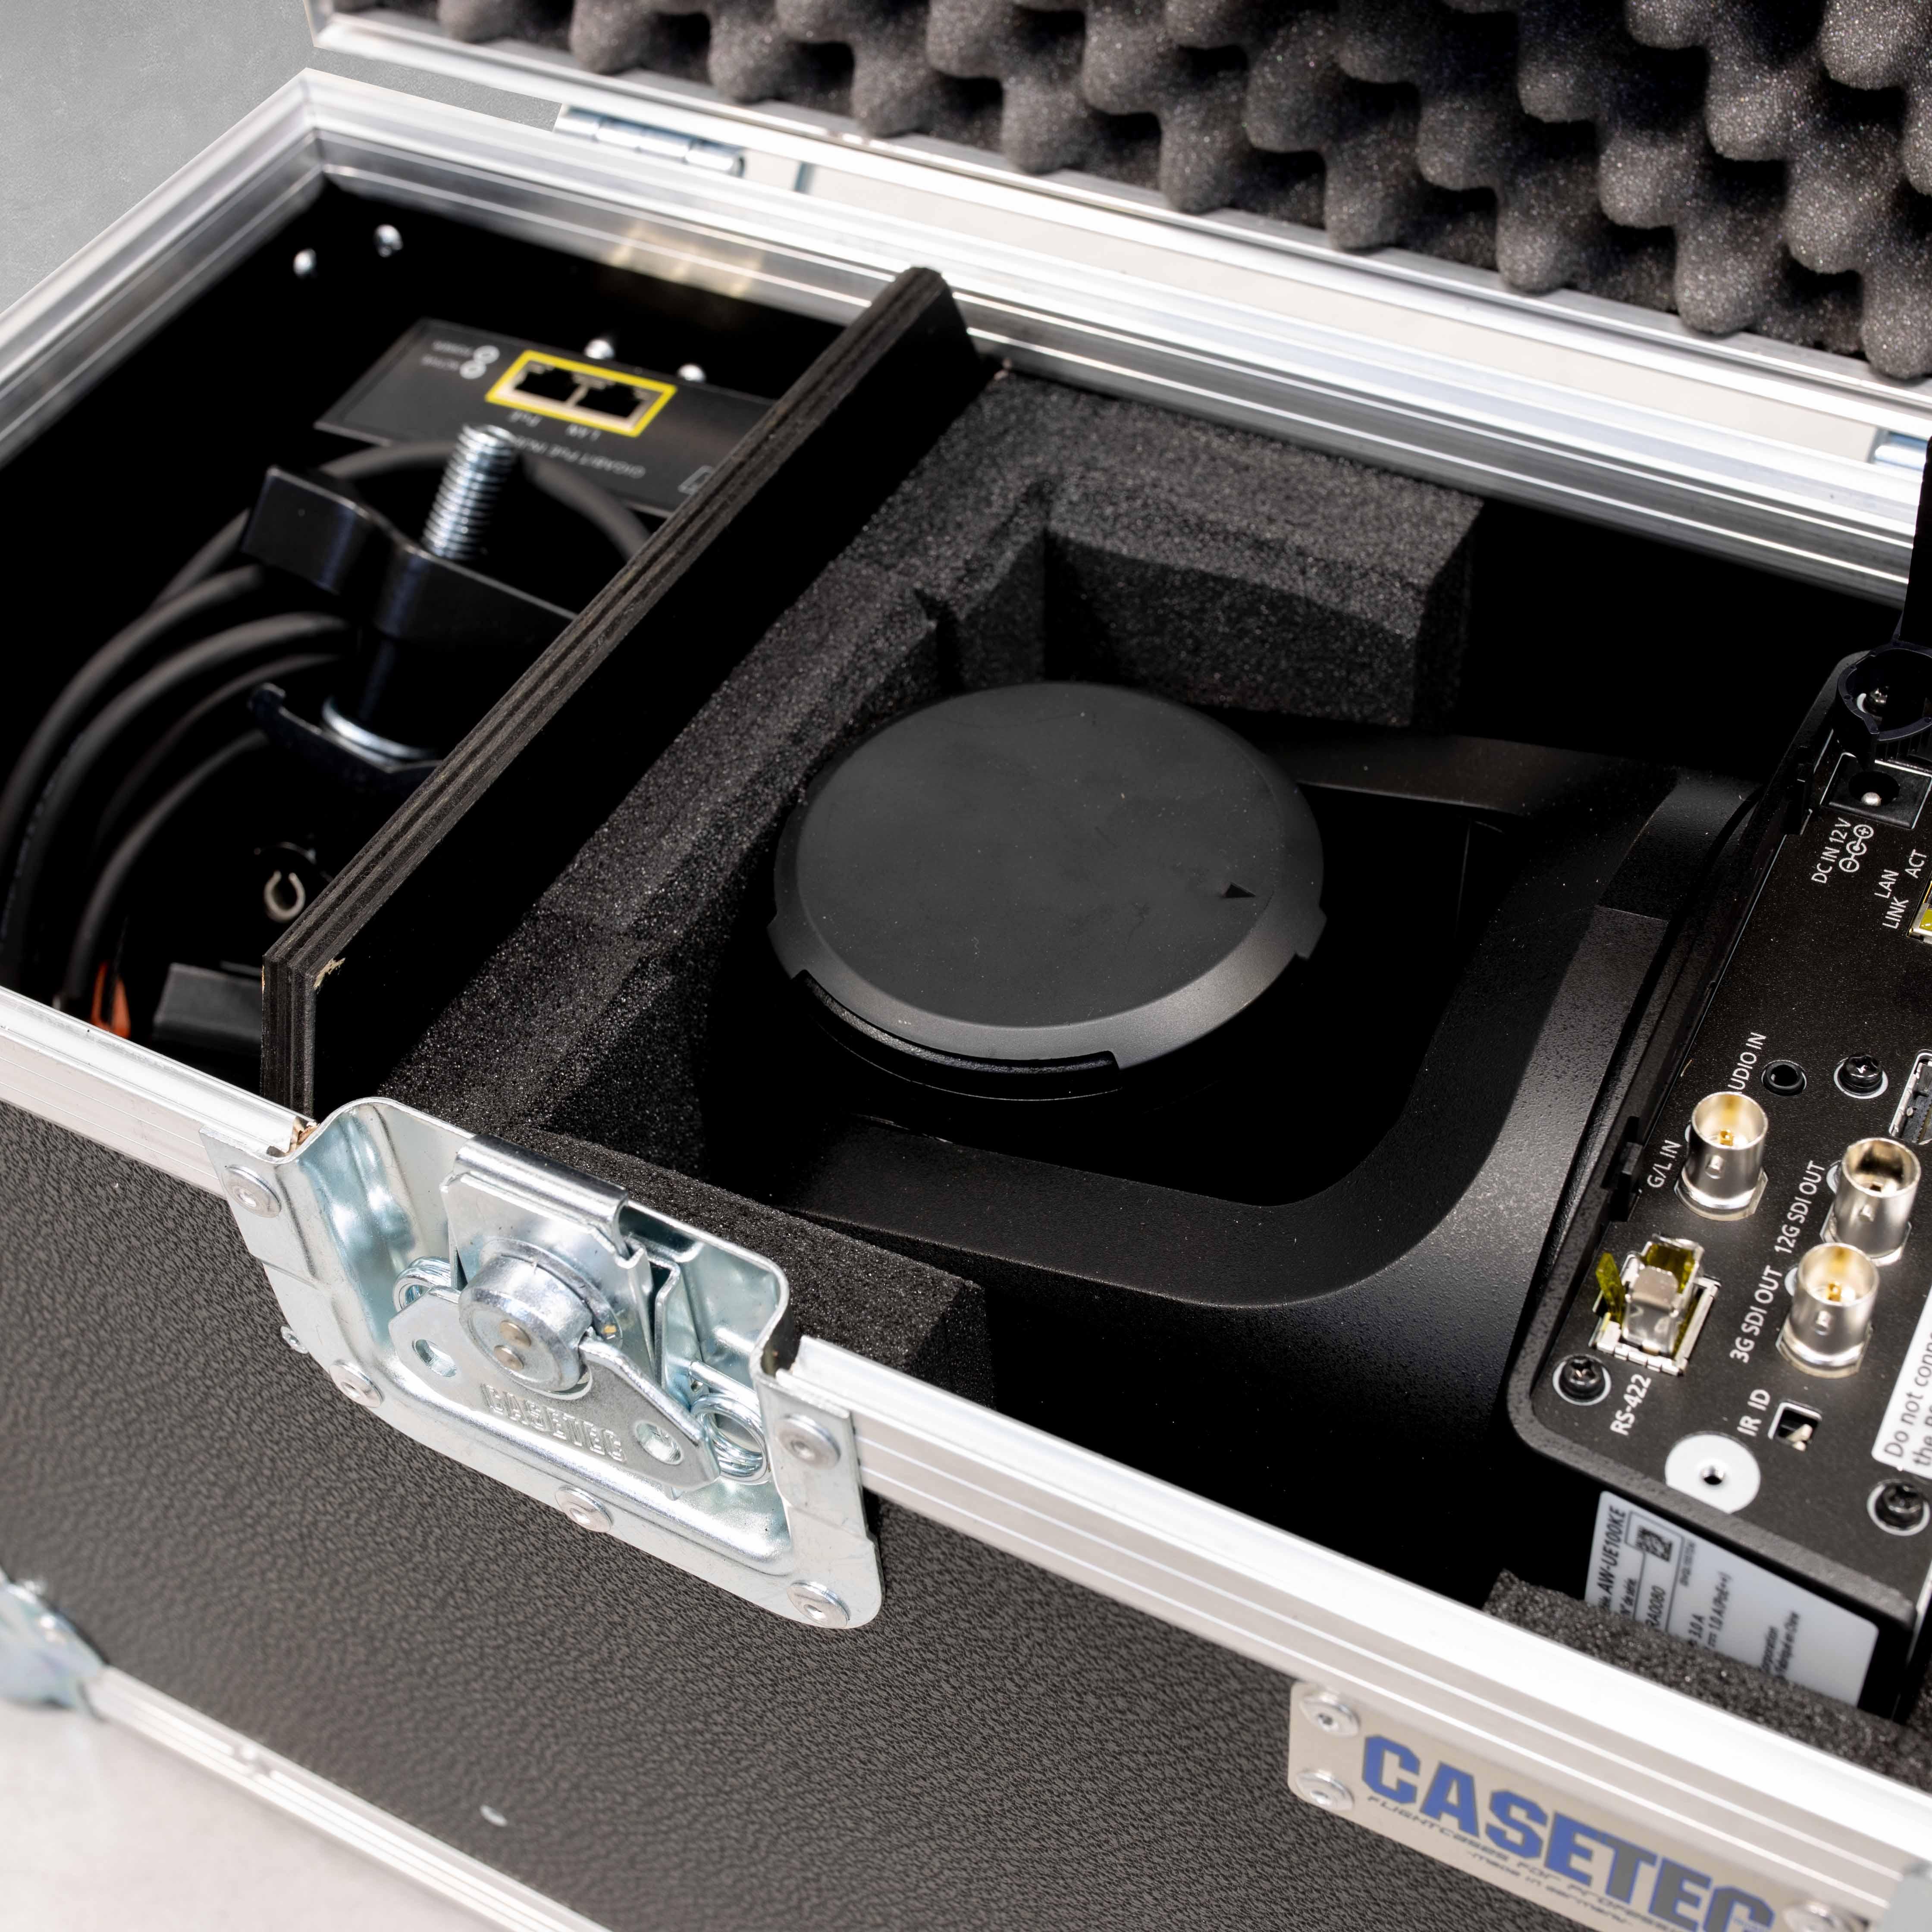 Flightcase für eine Panasonic AW-UE100W/AW-UE100K